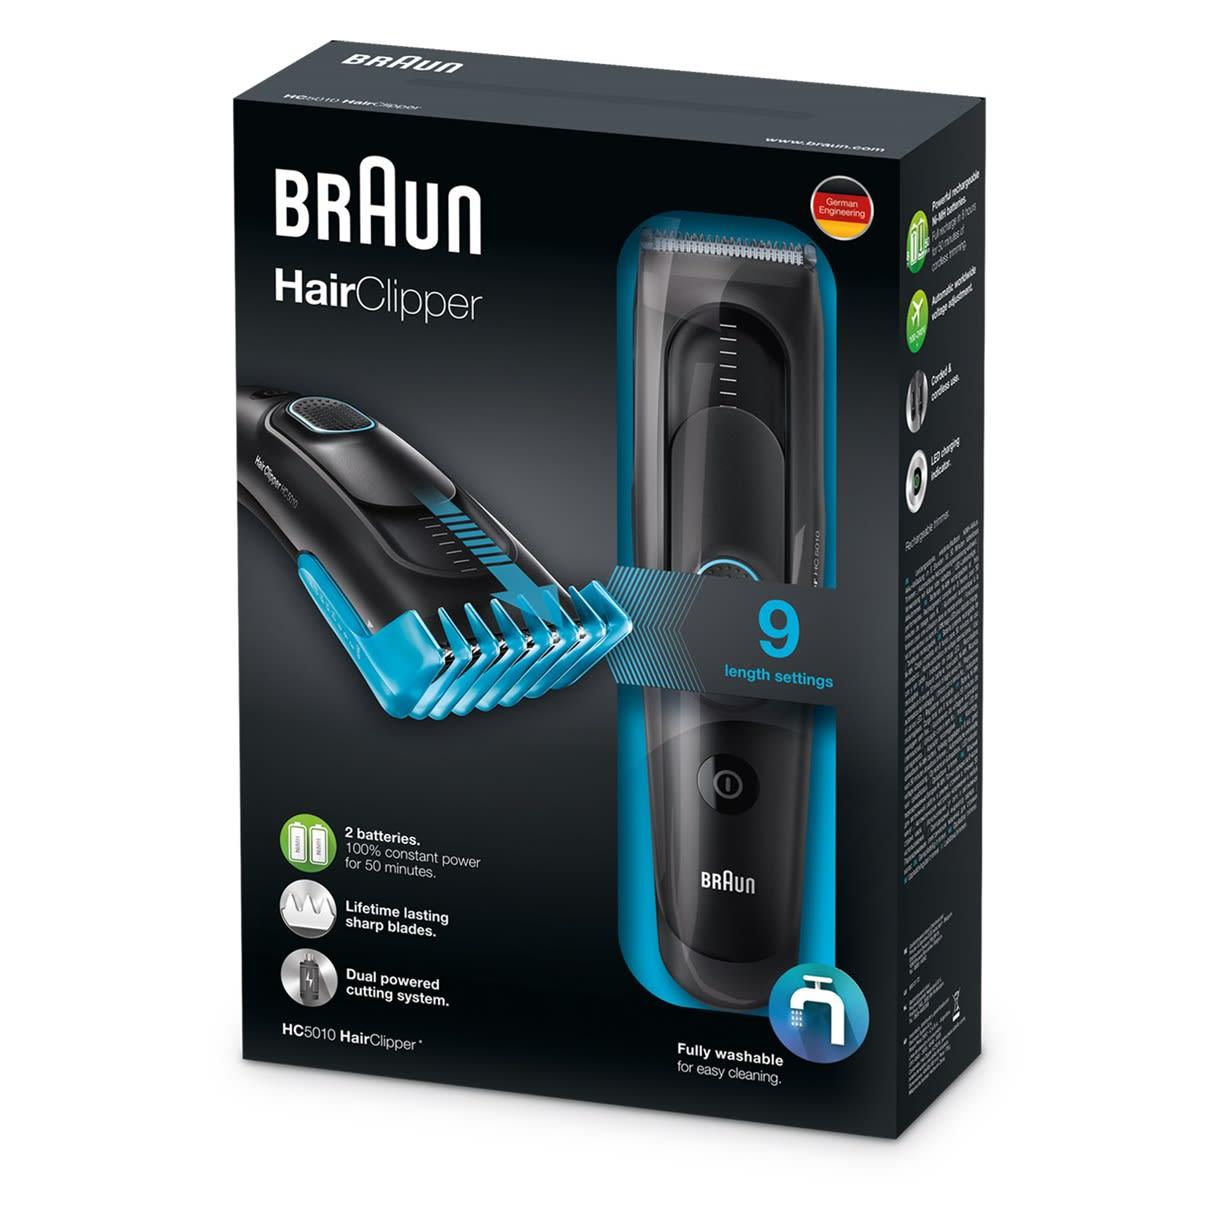 Braun Hair Clipper, Black, HC5010